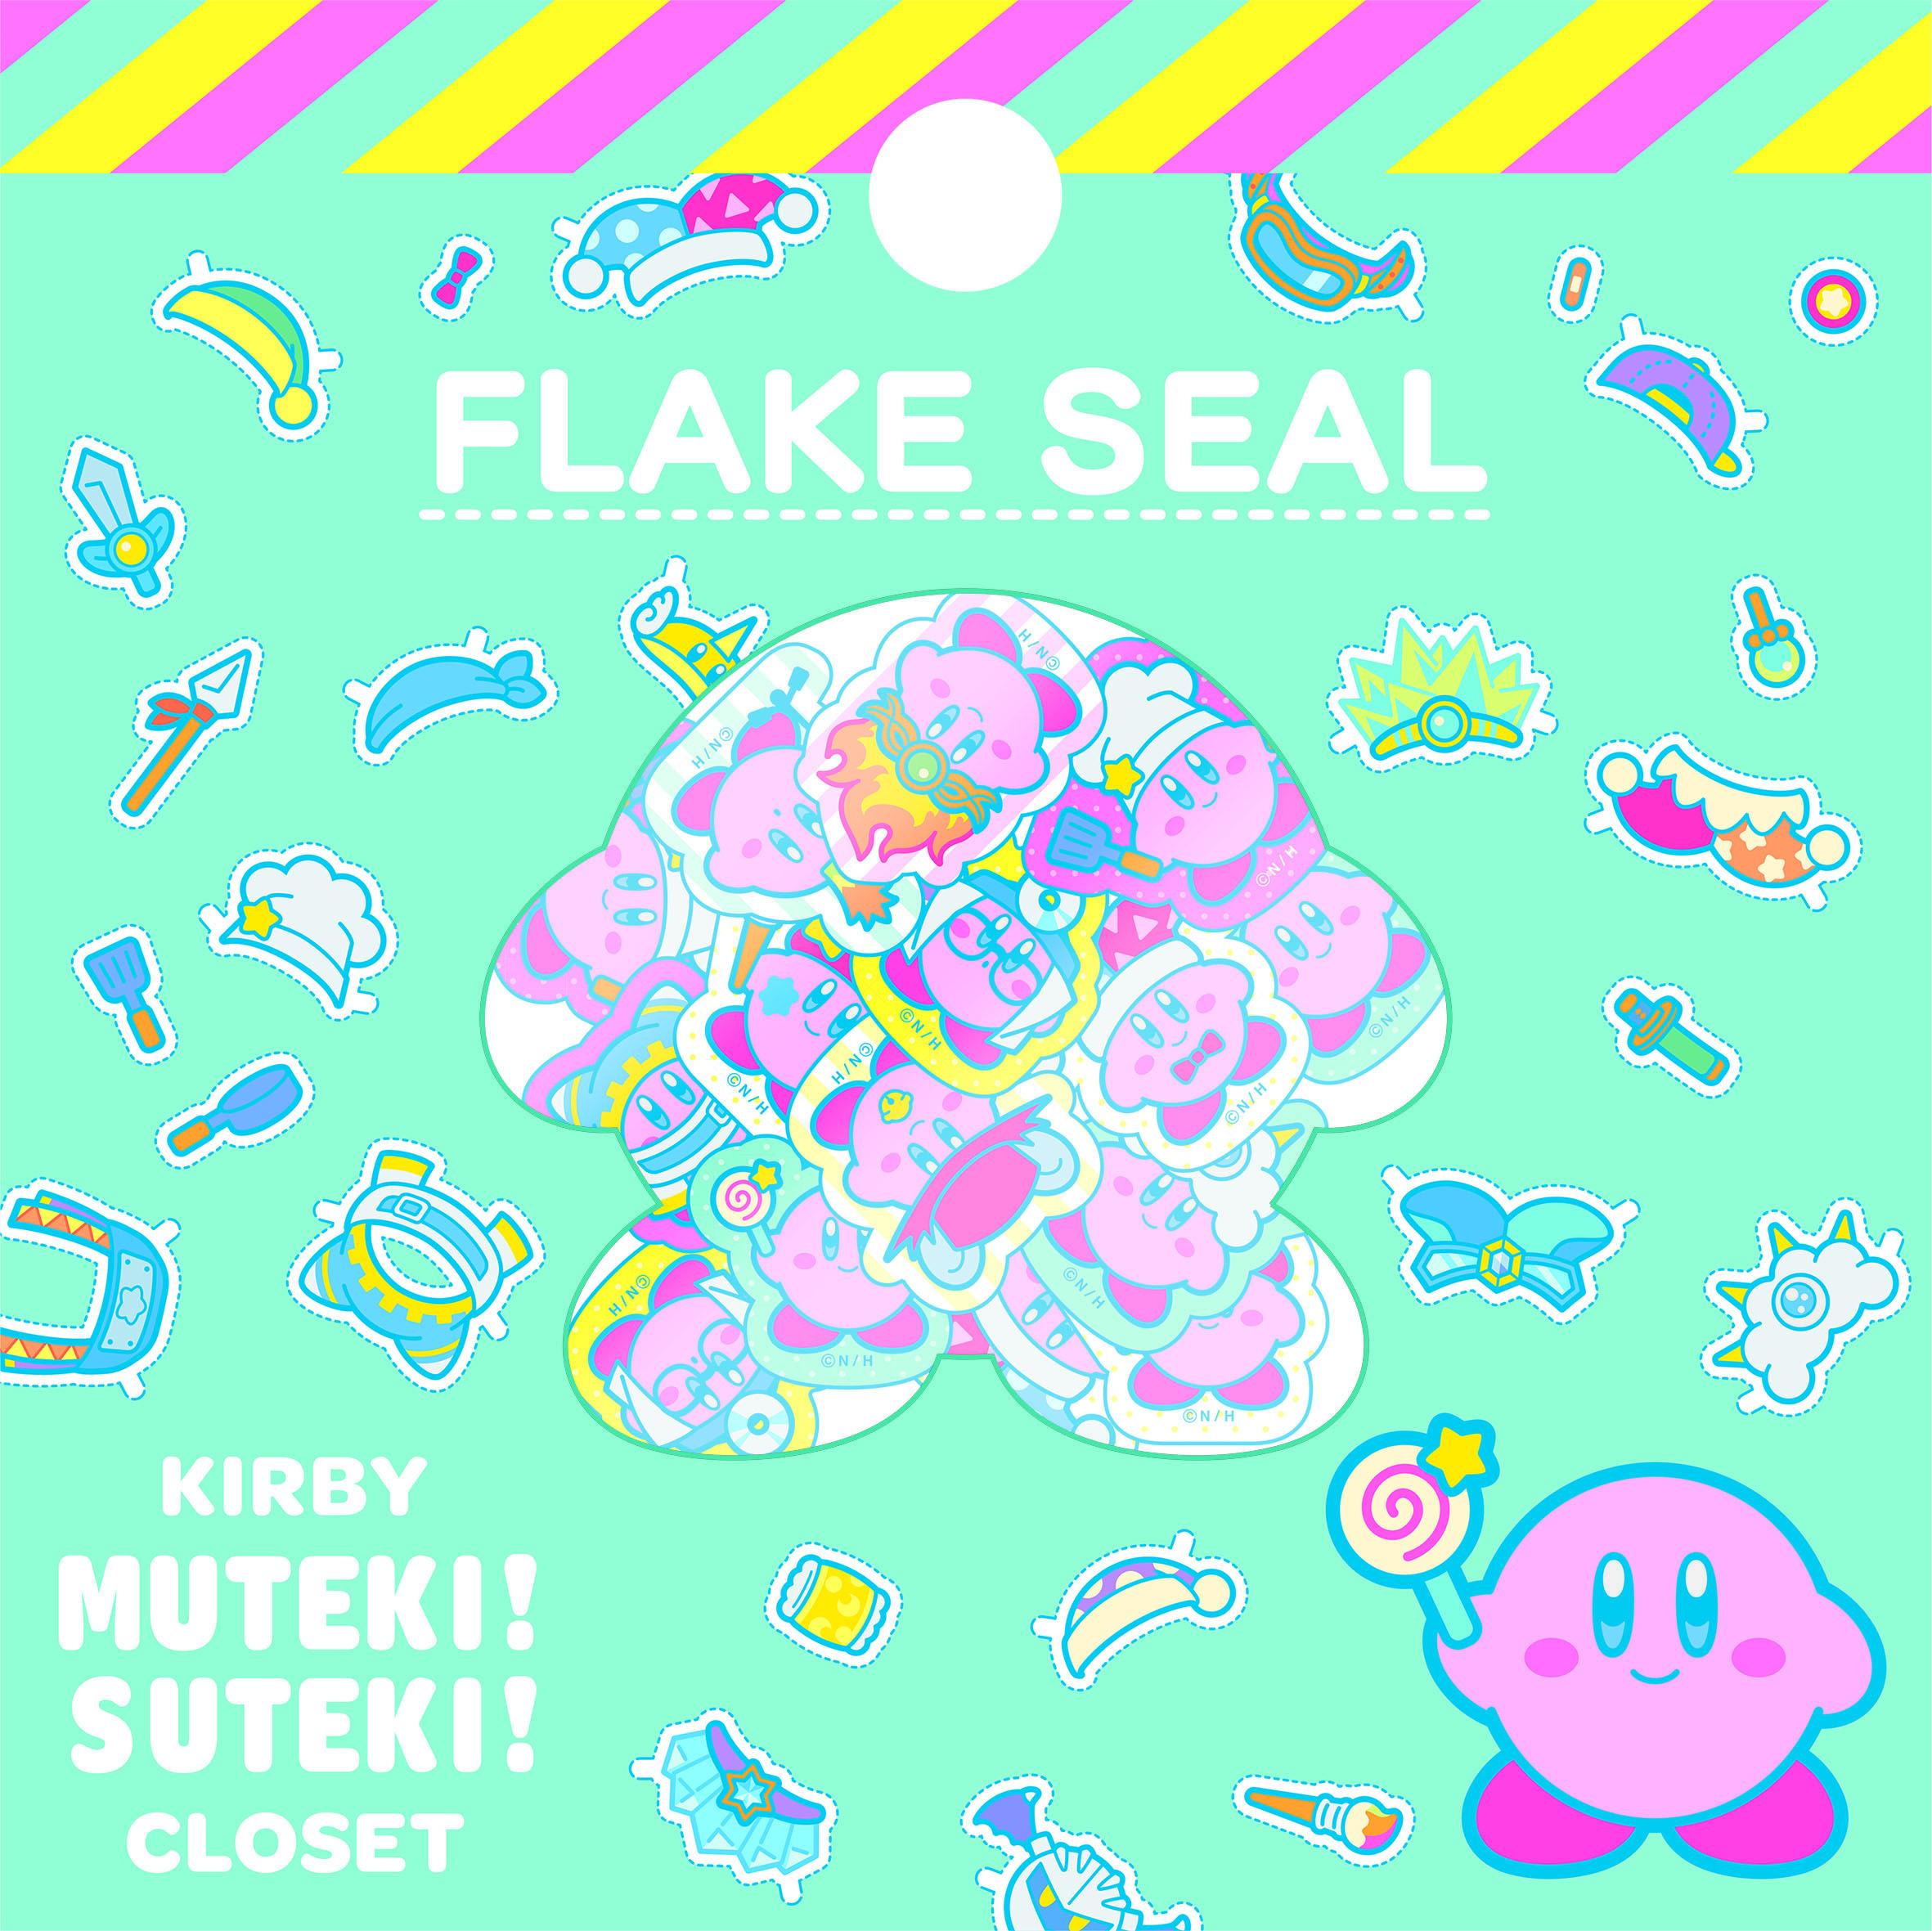 星のカービィ KIRBY MUTEKI! SUTEKI! CLOSET フレークシール  (2)ミントグリーン /  エンスカイ